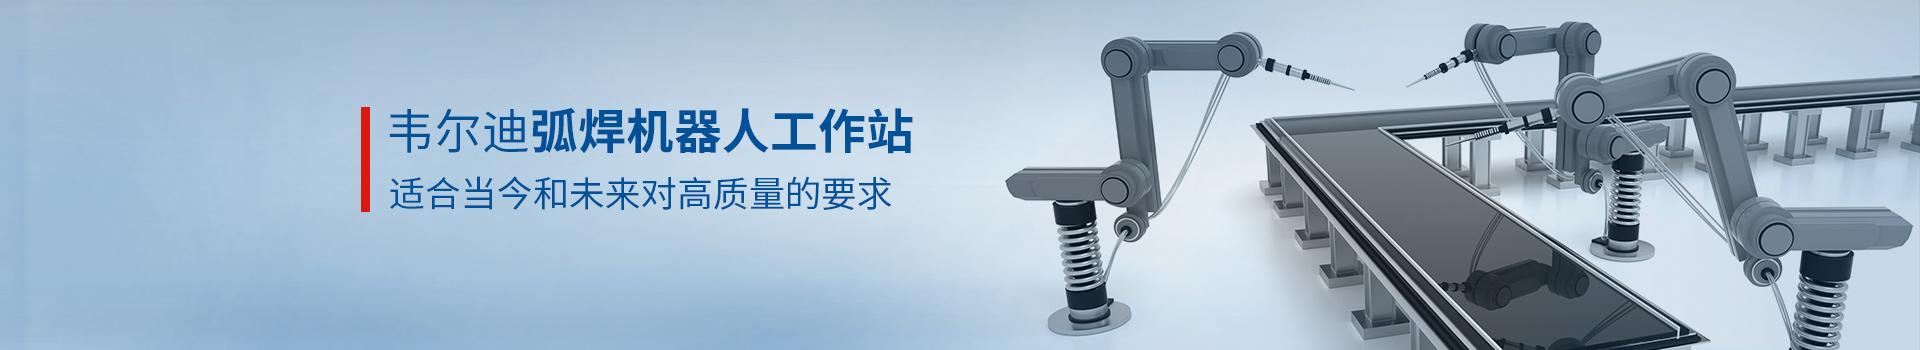 韦尔迪弧焊机器人工作站适合当今和未来对高质量的要求